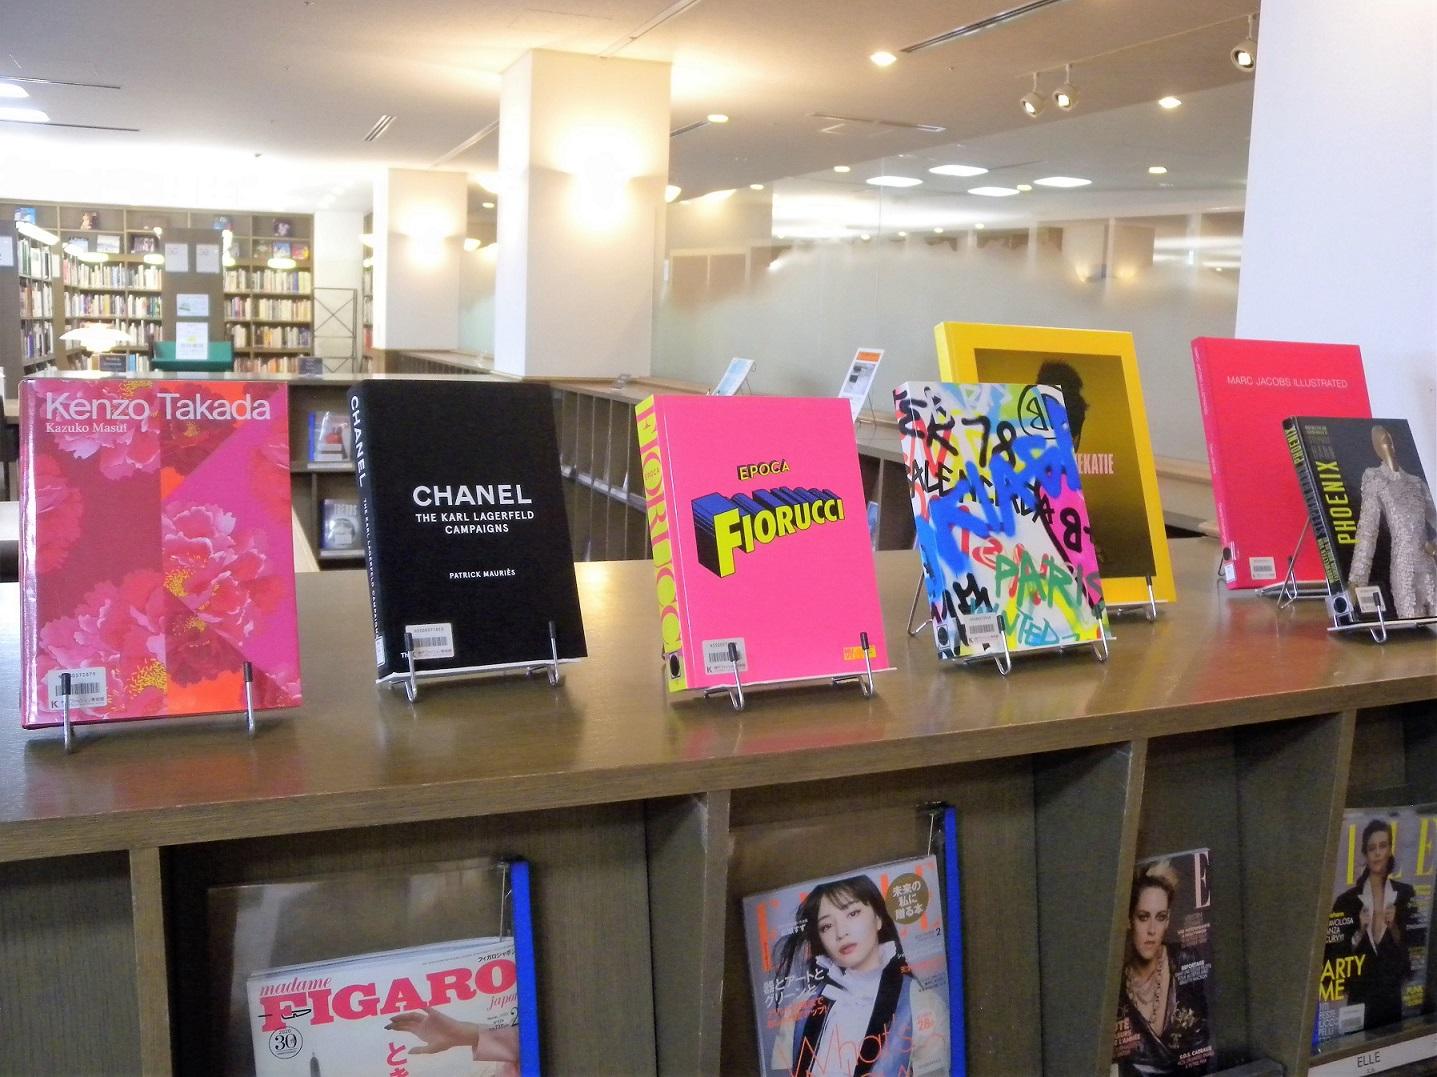 [新着情報] 1月のライブラリーの新着図書は、ファッションデザイナーの作品集です。